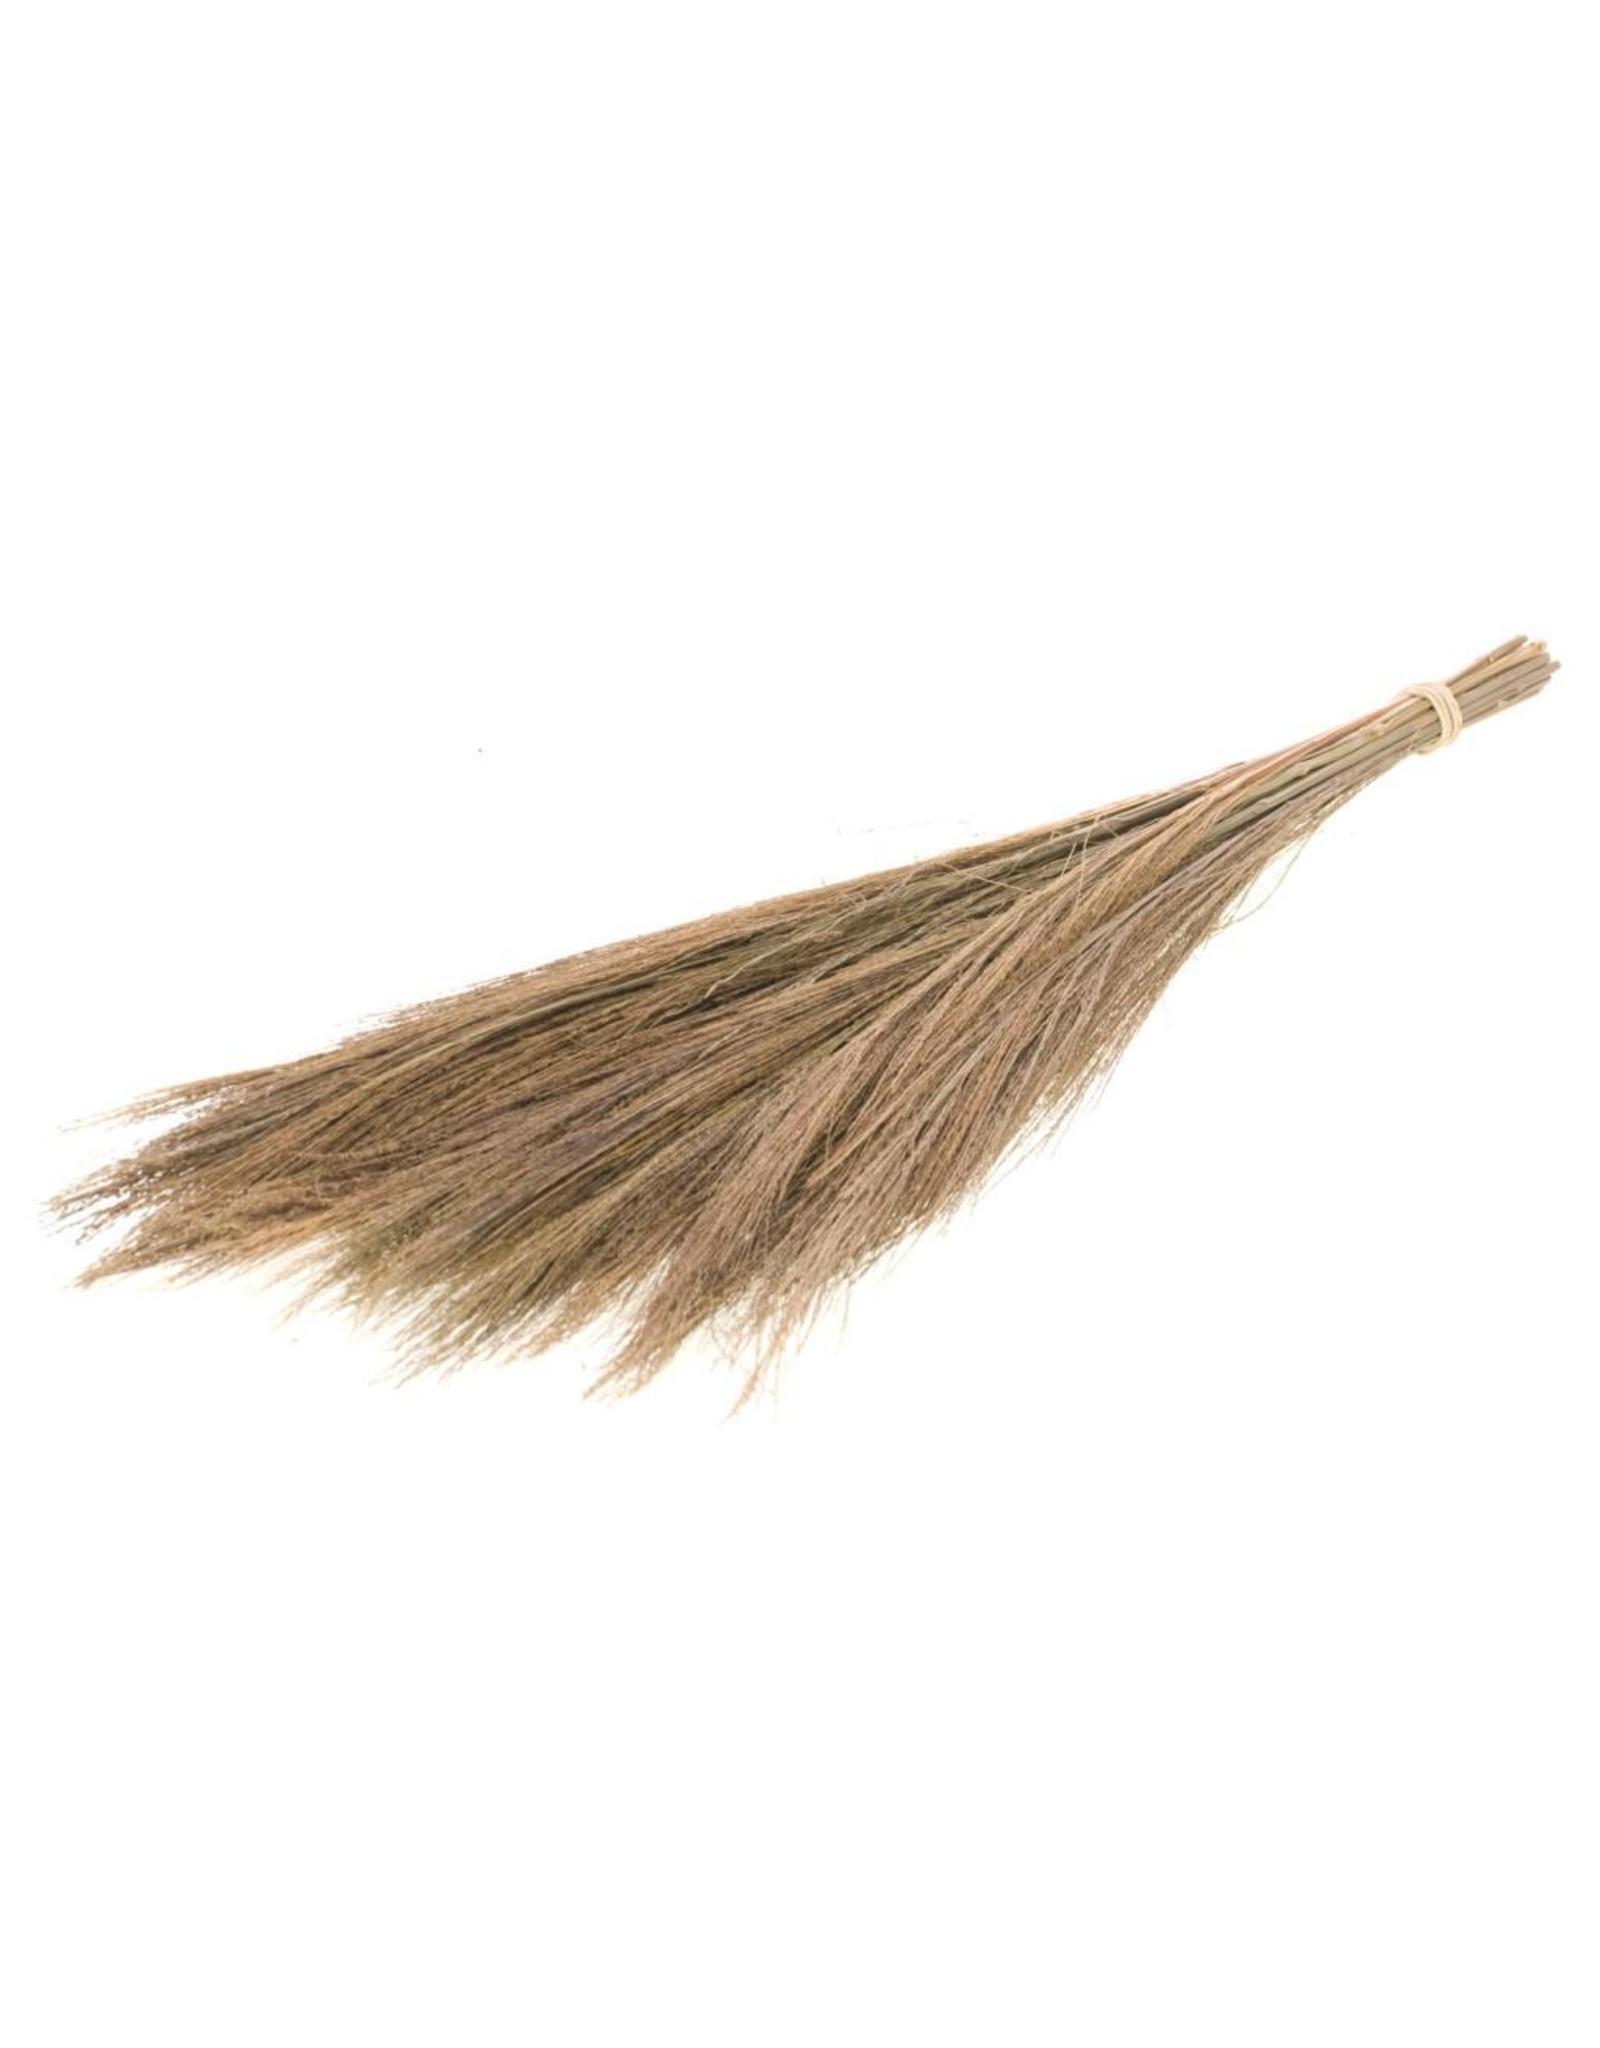 LDD Broom grass 100gr 65cm natural x 36